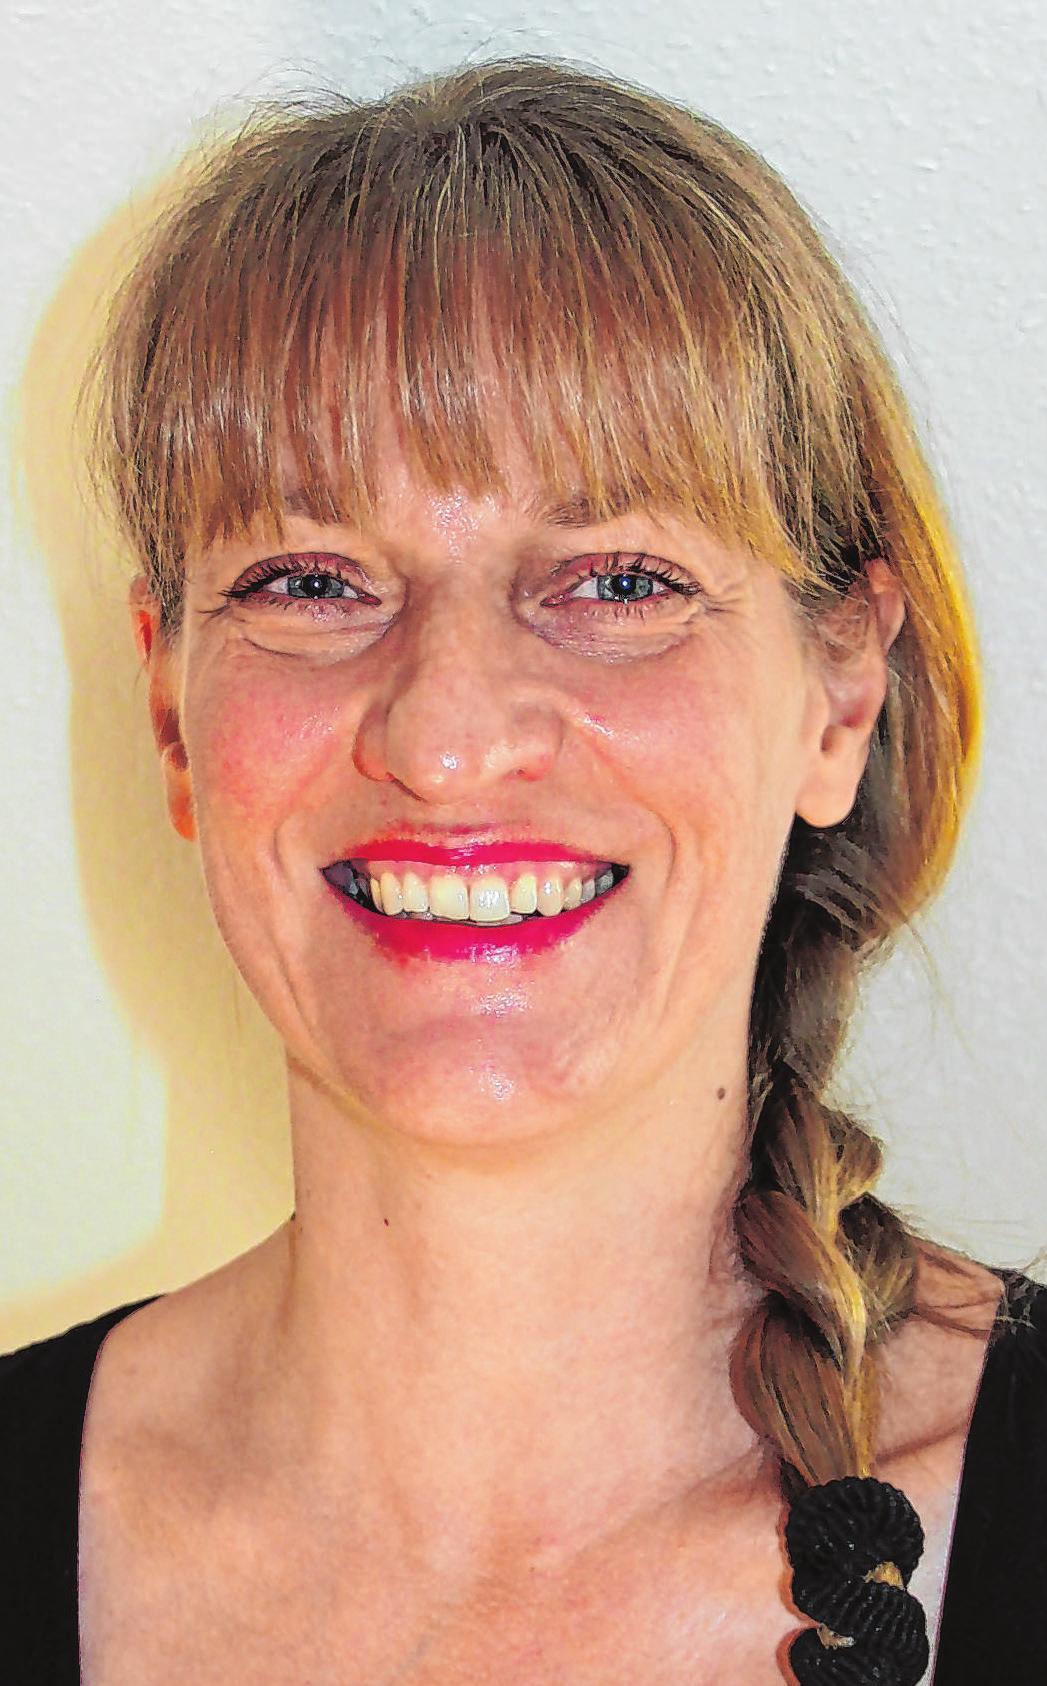 Die psychologische Beraterin (dipl.) Elke Kainz rät in Zeiten des Corona-Virus zu Spaziergängen und Verzicht auf psychologisch Belastendes, wie es auch Frühjahrsdiäten sind. Foto: Anja Buchholz